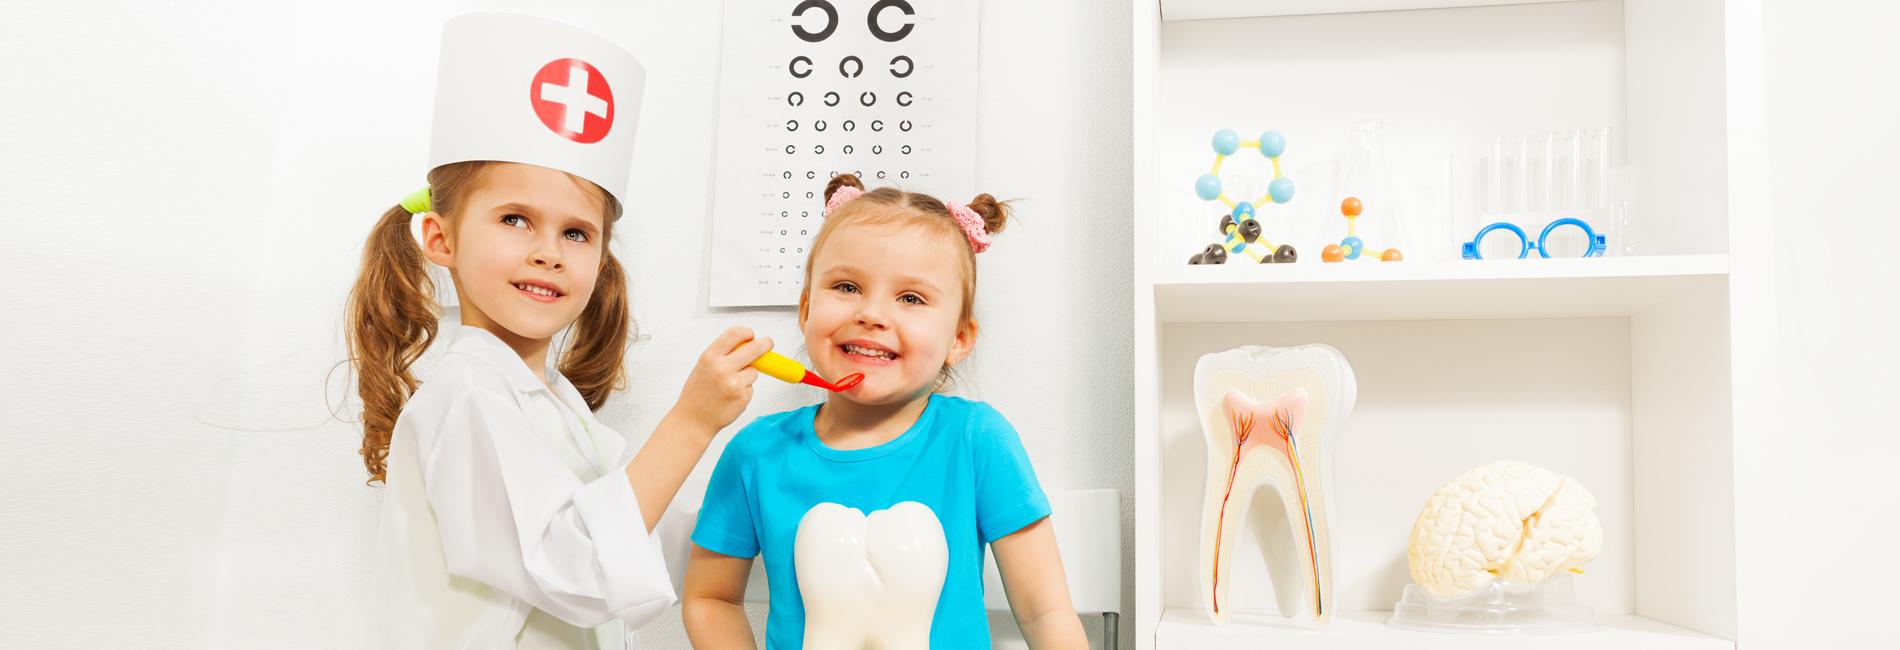 Zahnarzt-Tornesch-Kinderzahnarzt